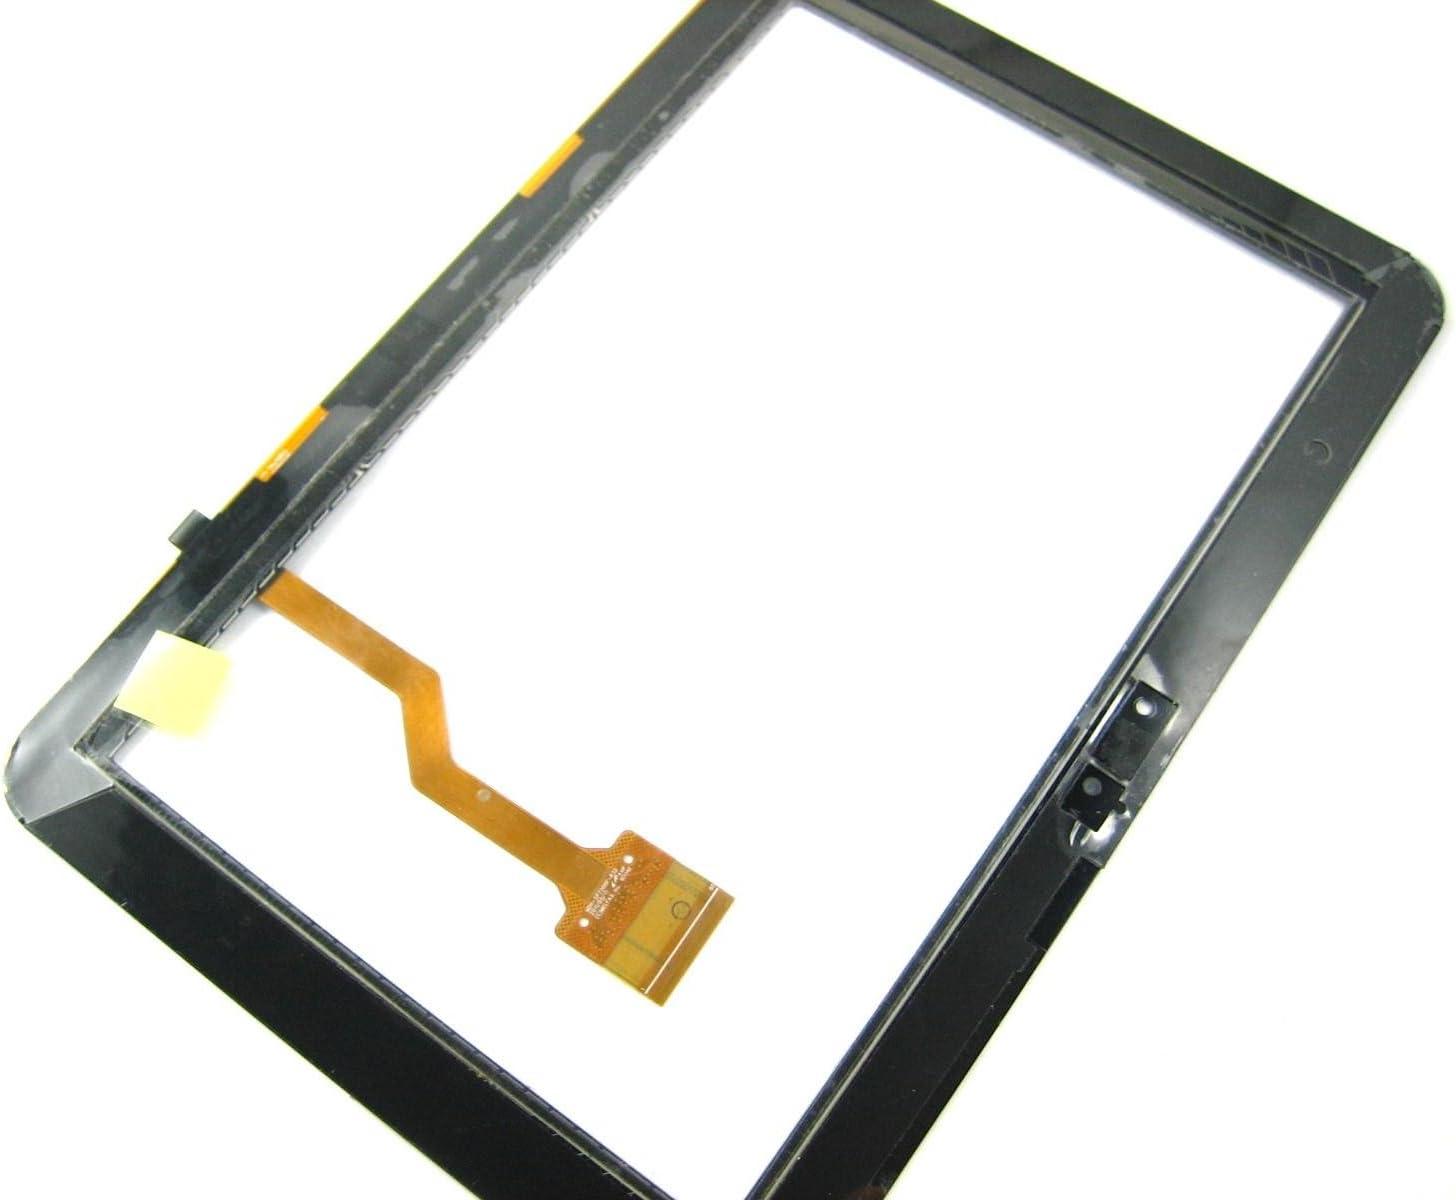 Pantalla tactil para Galaxy Tab 2 10.1 GT-P5100 GT-P5110